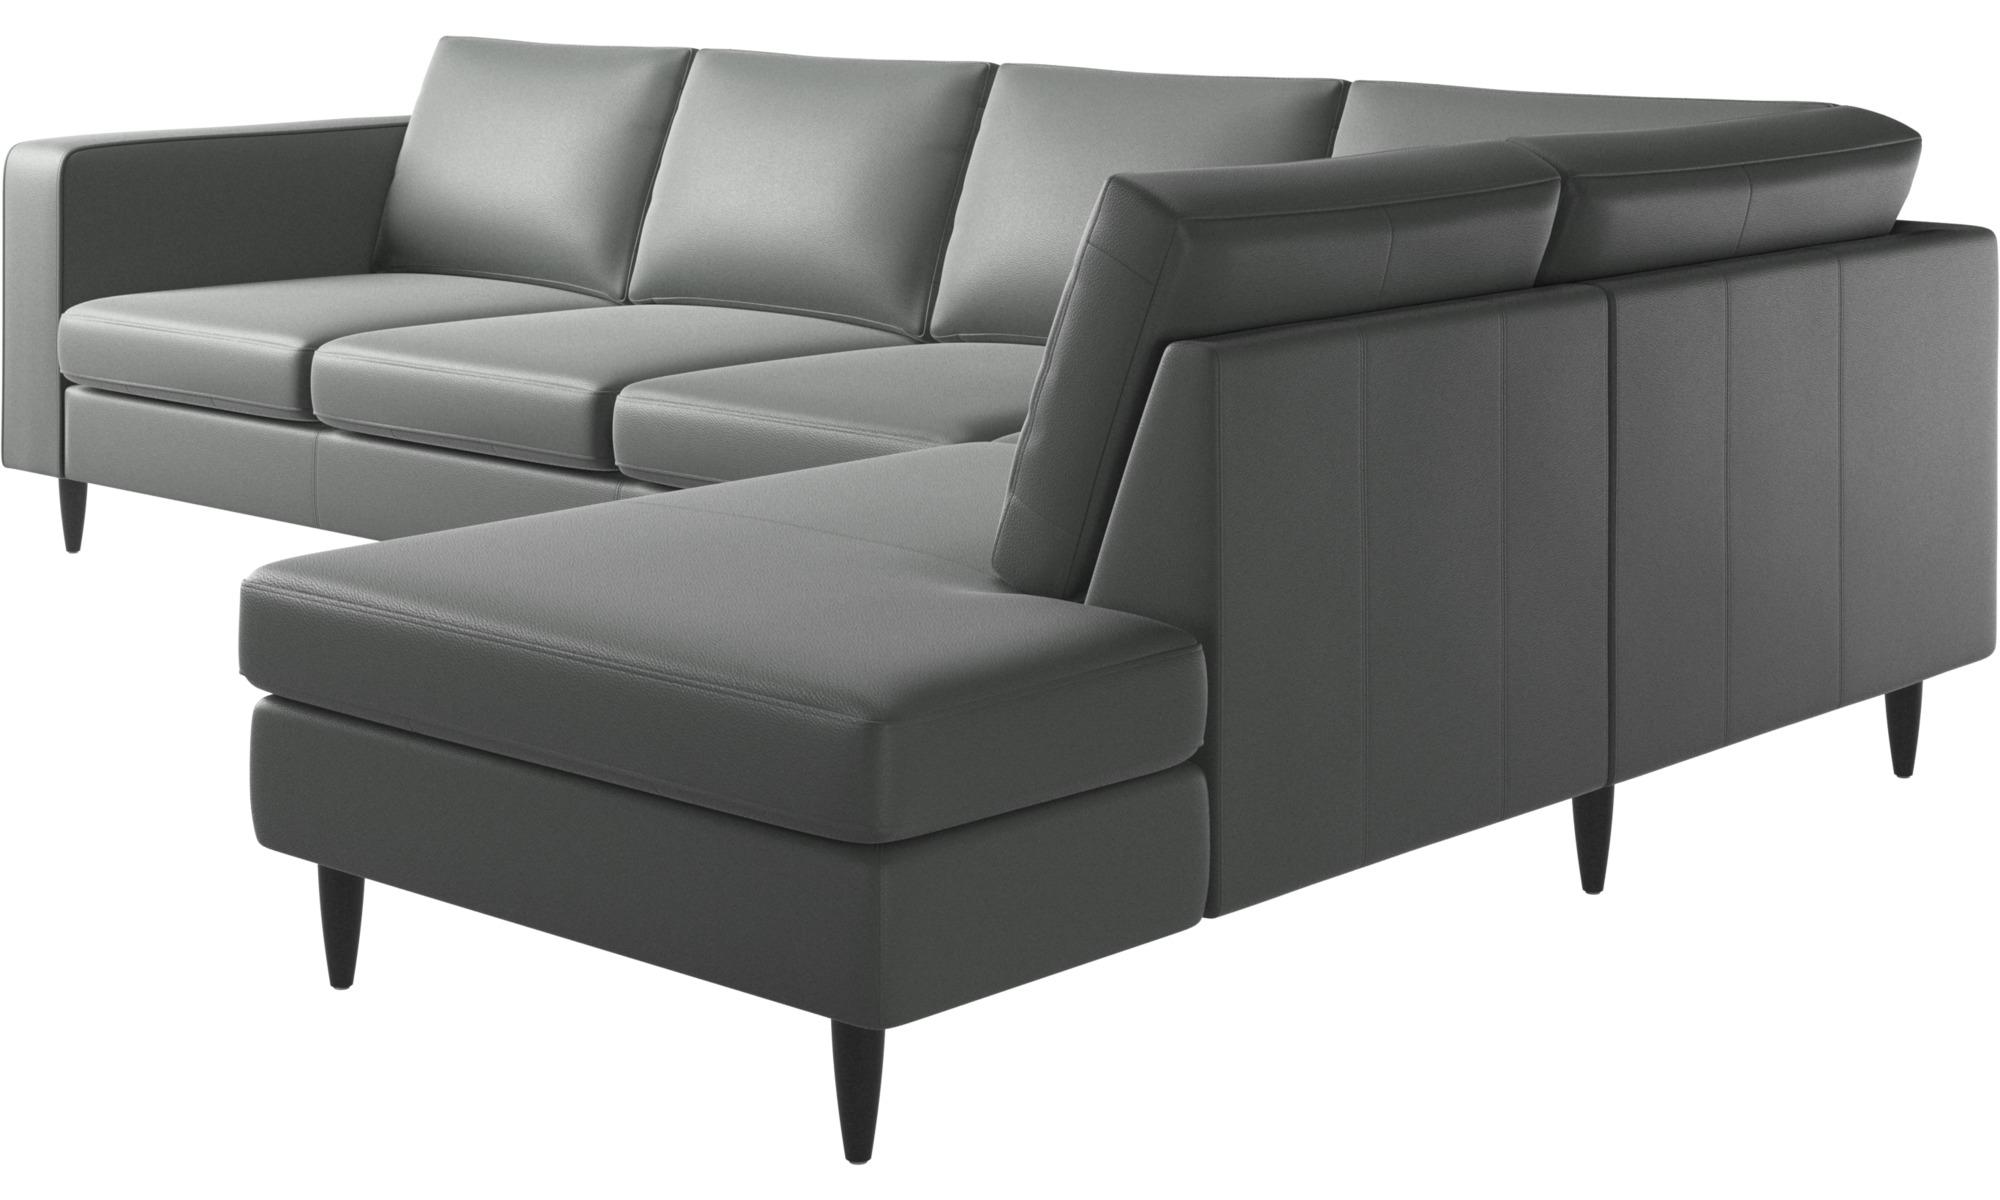 Corner Sofas Indivi Sofa With